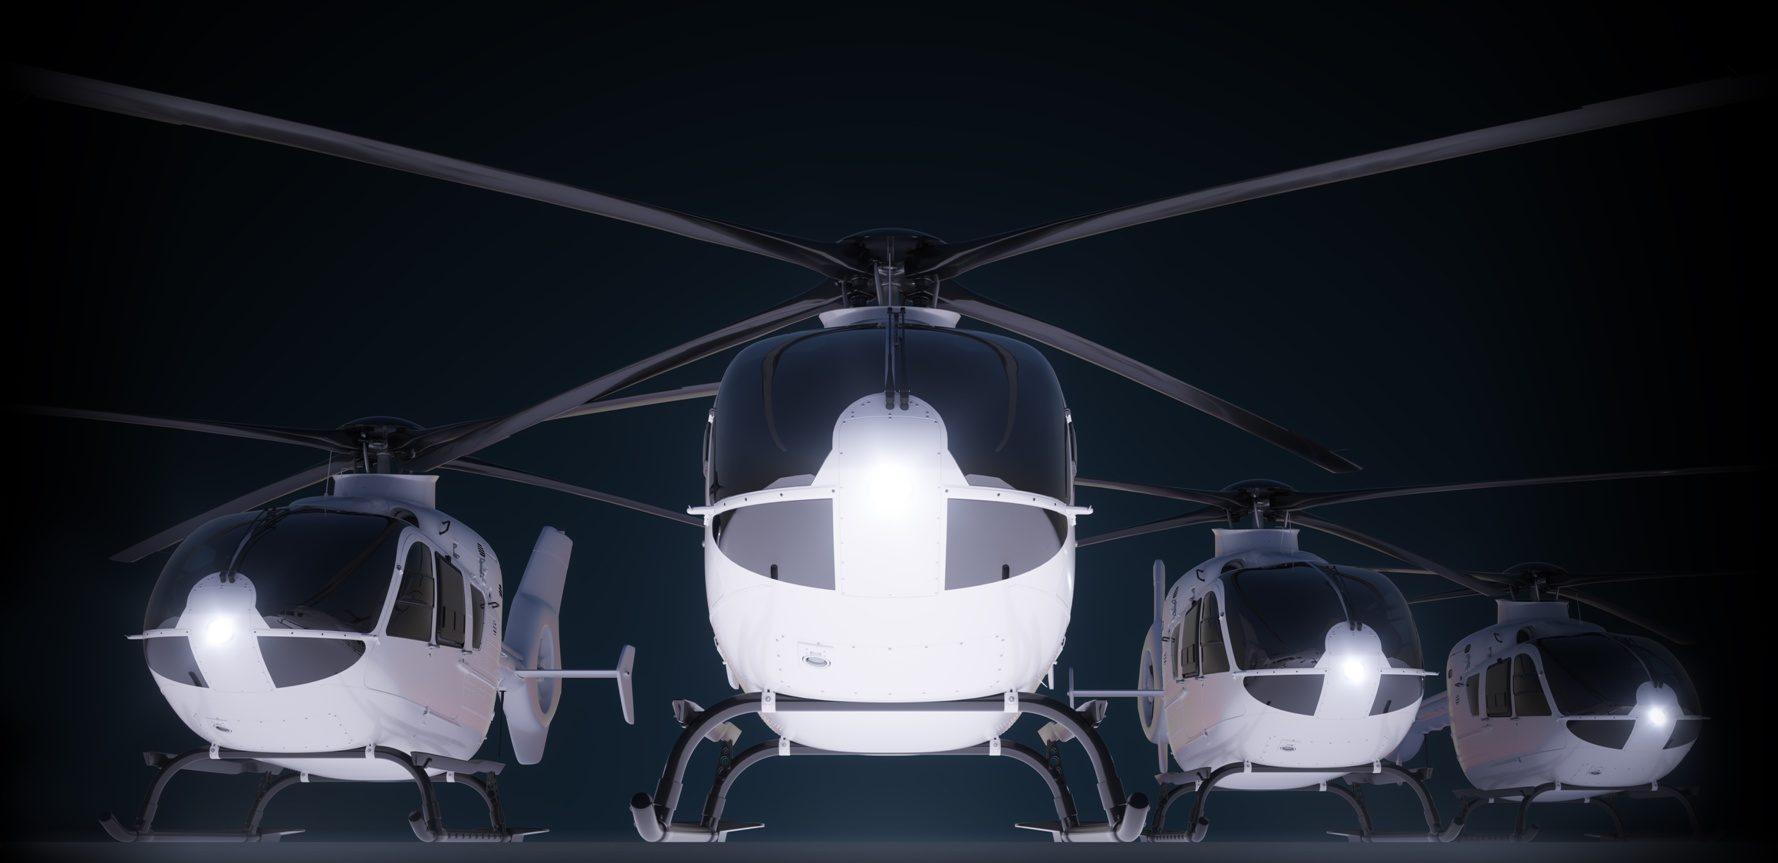 Арендовать вертолет и оформить заявку на полет